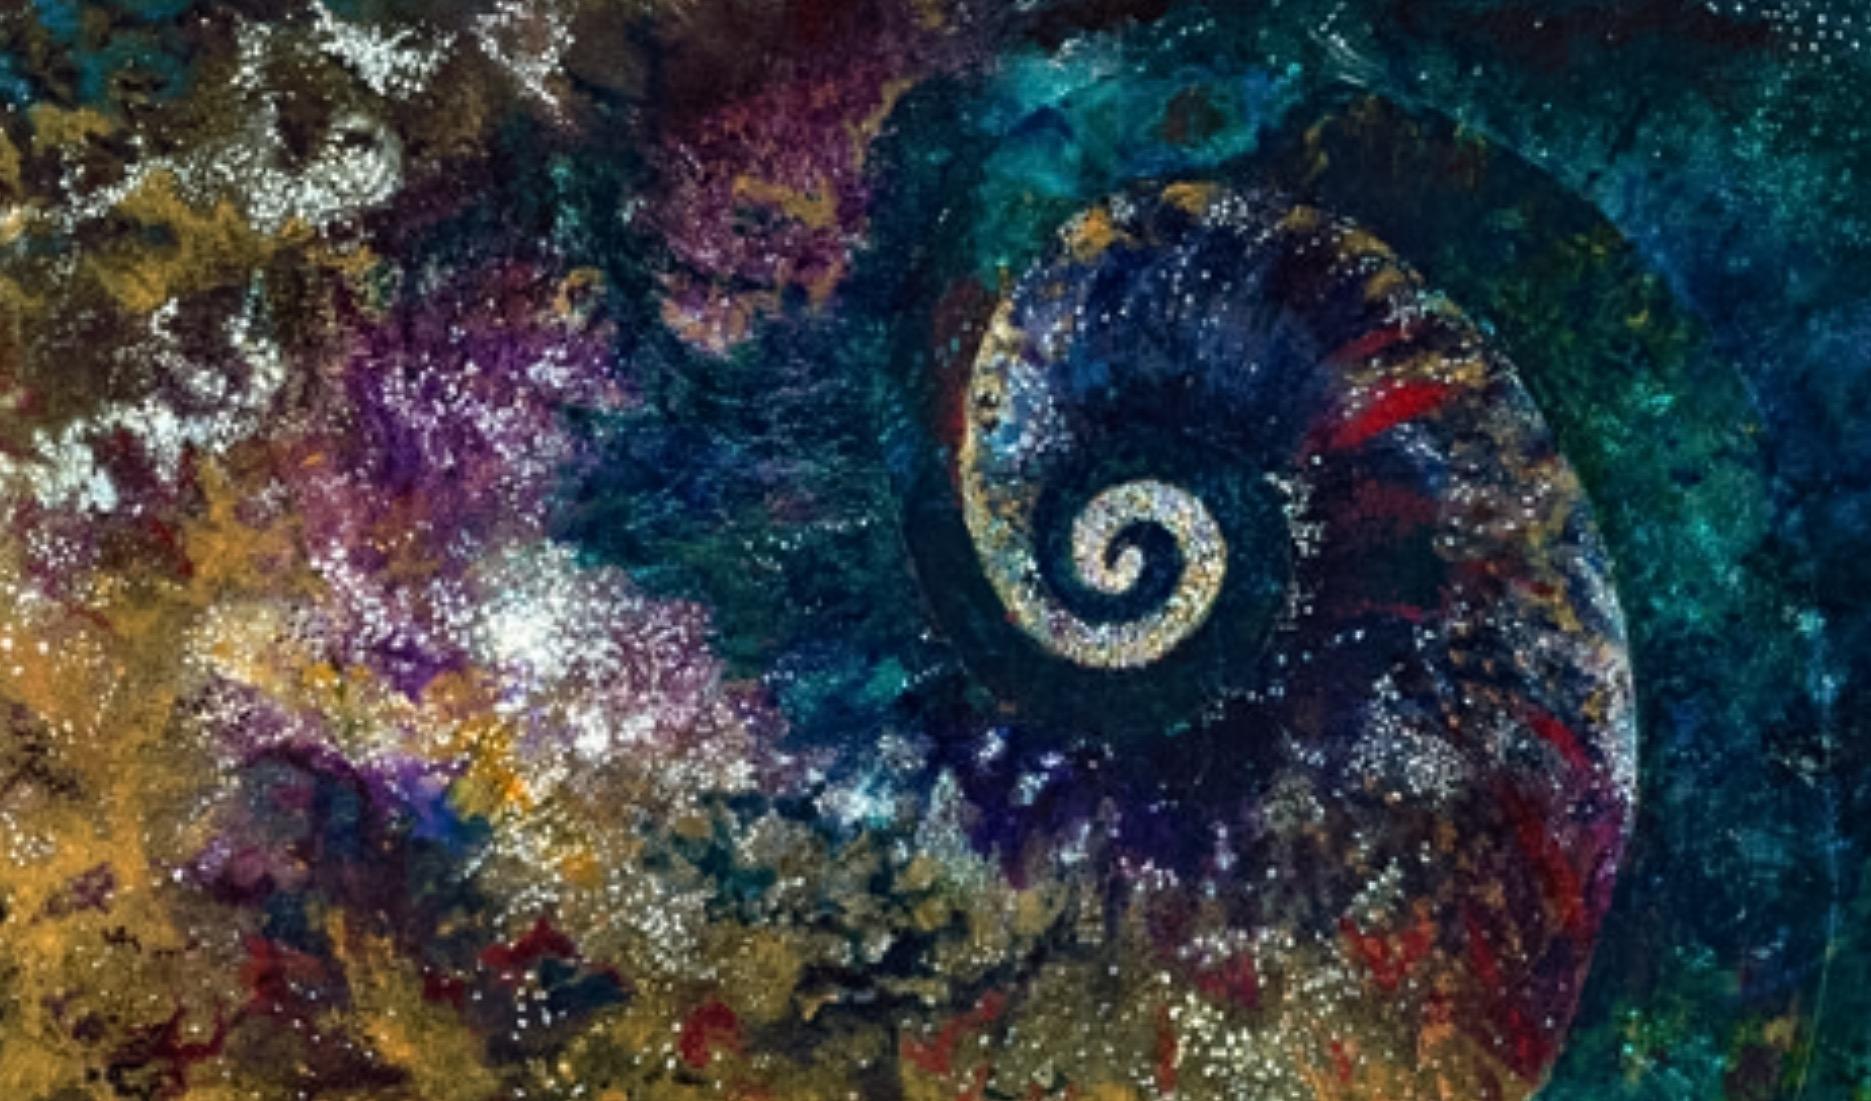 Karina Silver Fine Art & Ross S. Barrable Wind Sculptor